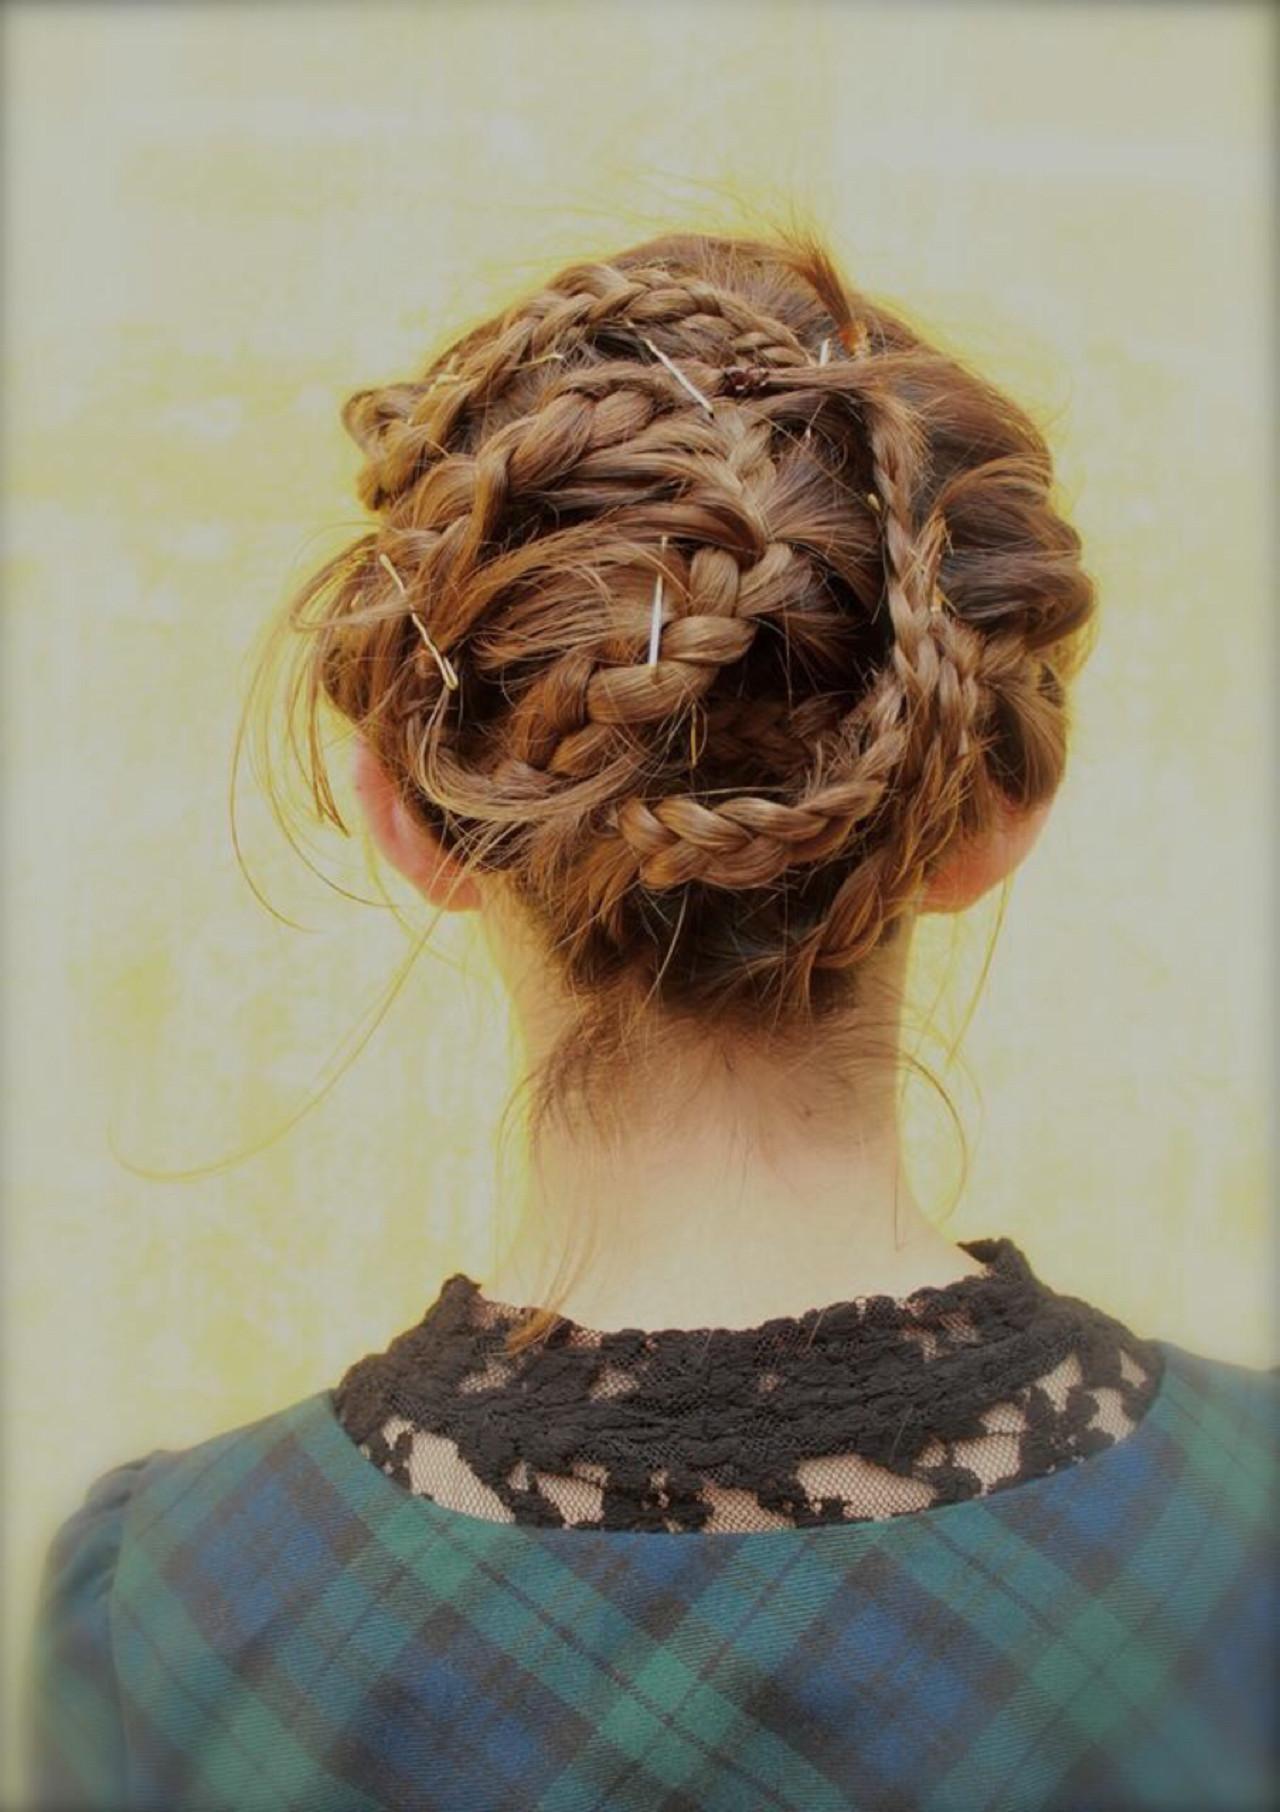 ヘアアレンジ 三つ編み ボブ 前髪あり ヘアスタイルや髪型の写真・画像